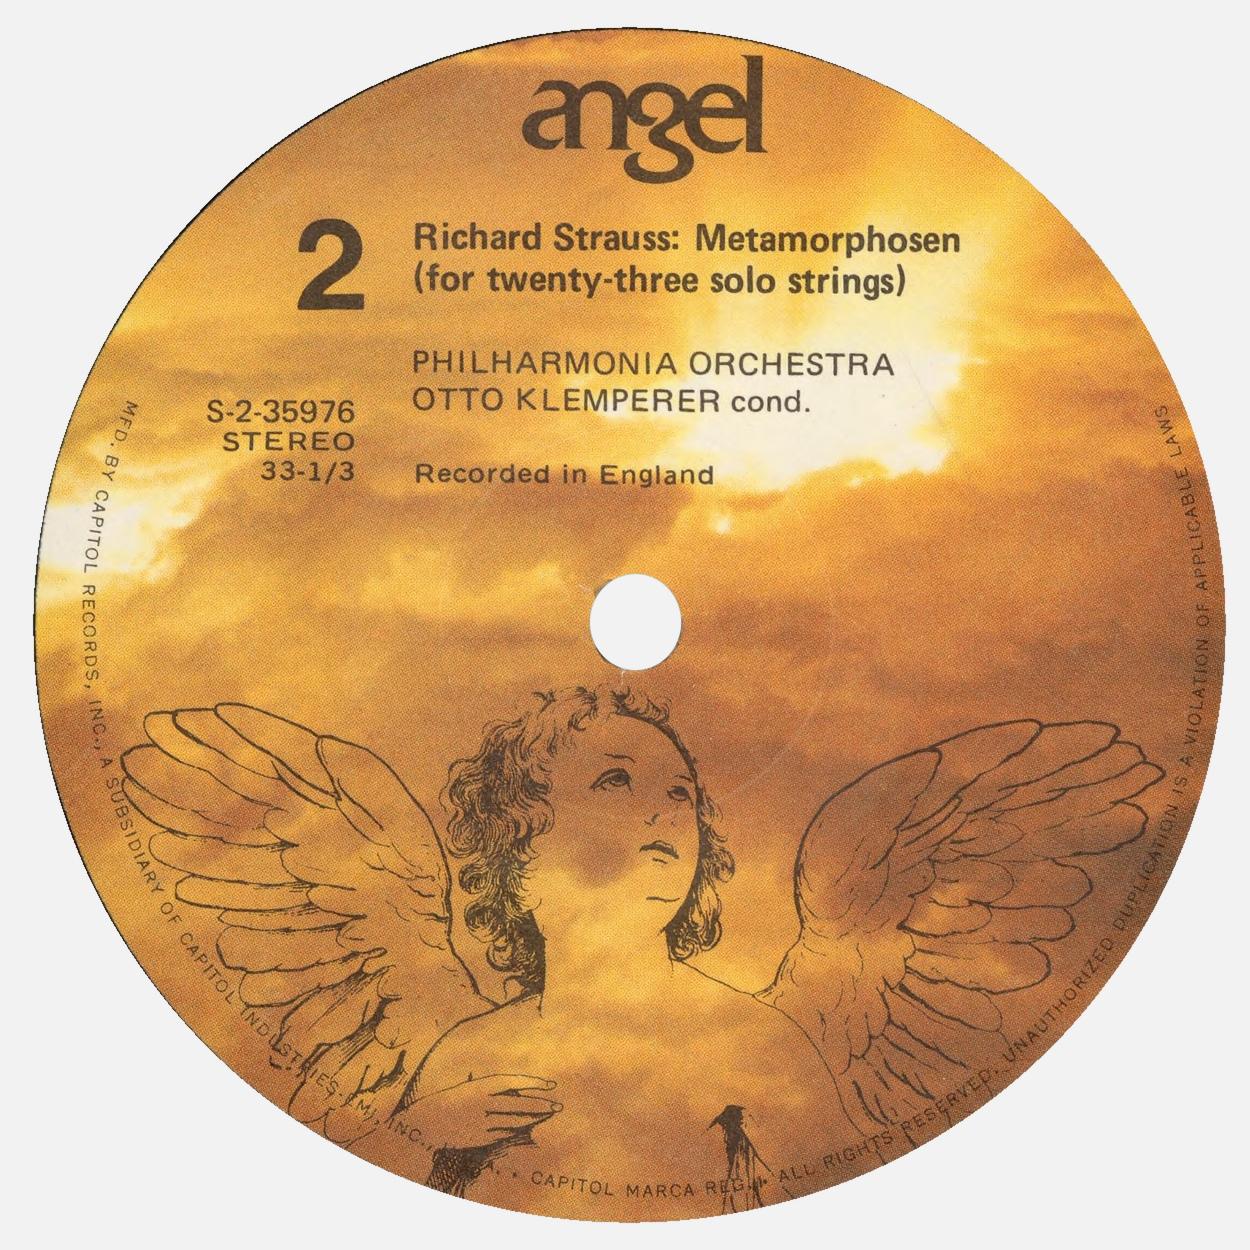 Étiquette verso du disque Angel S 35976